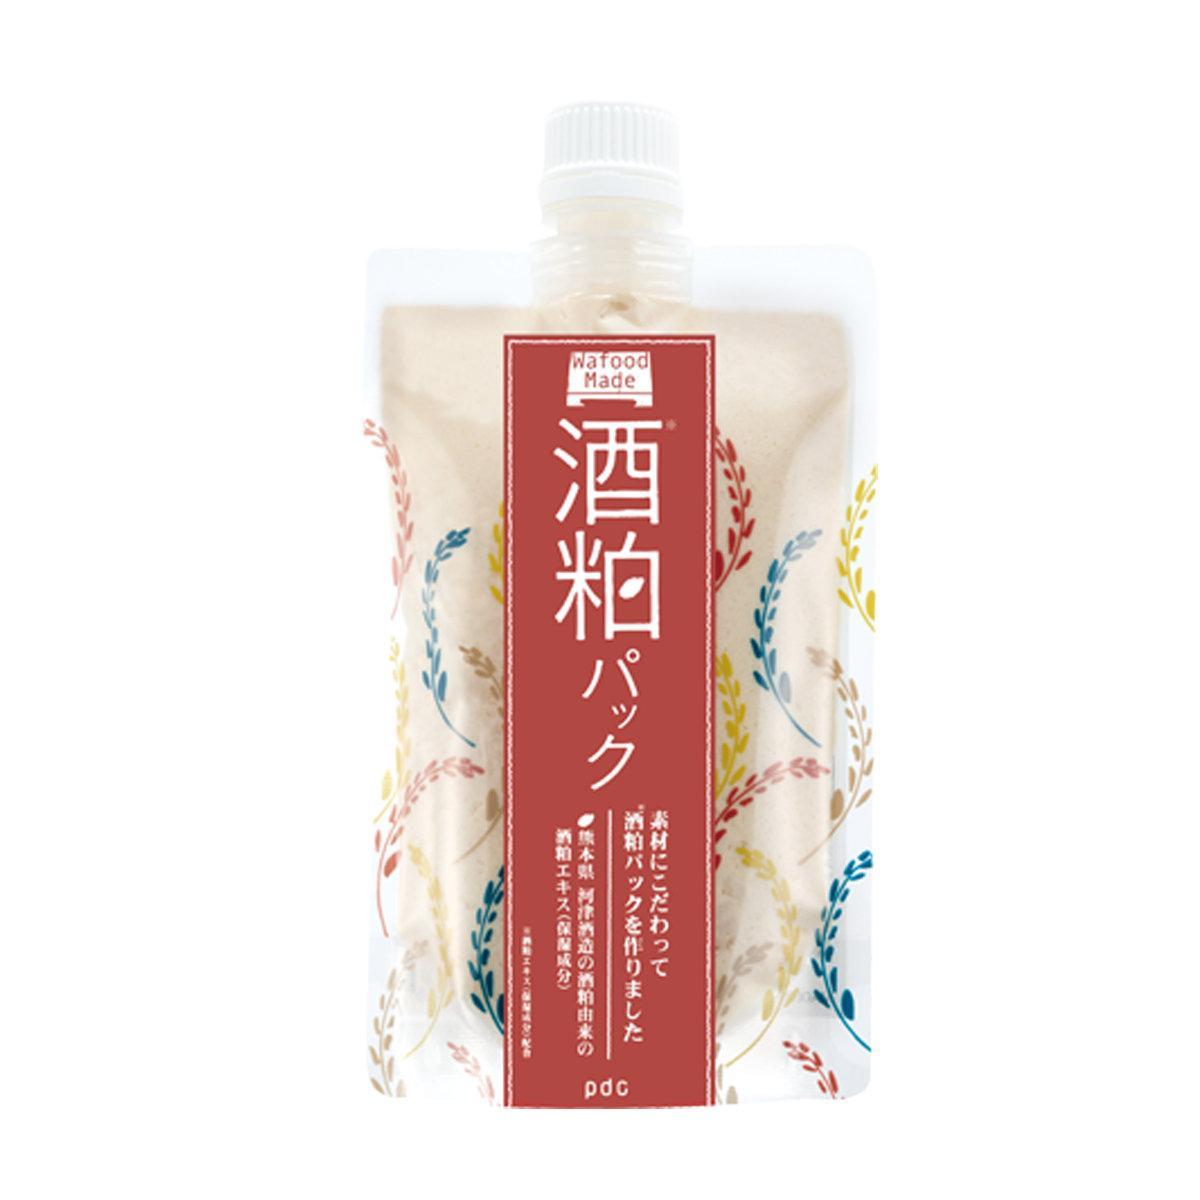 Wafood Made Sake Pack 170g